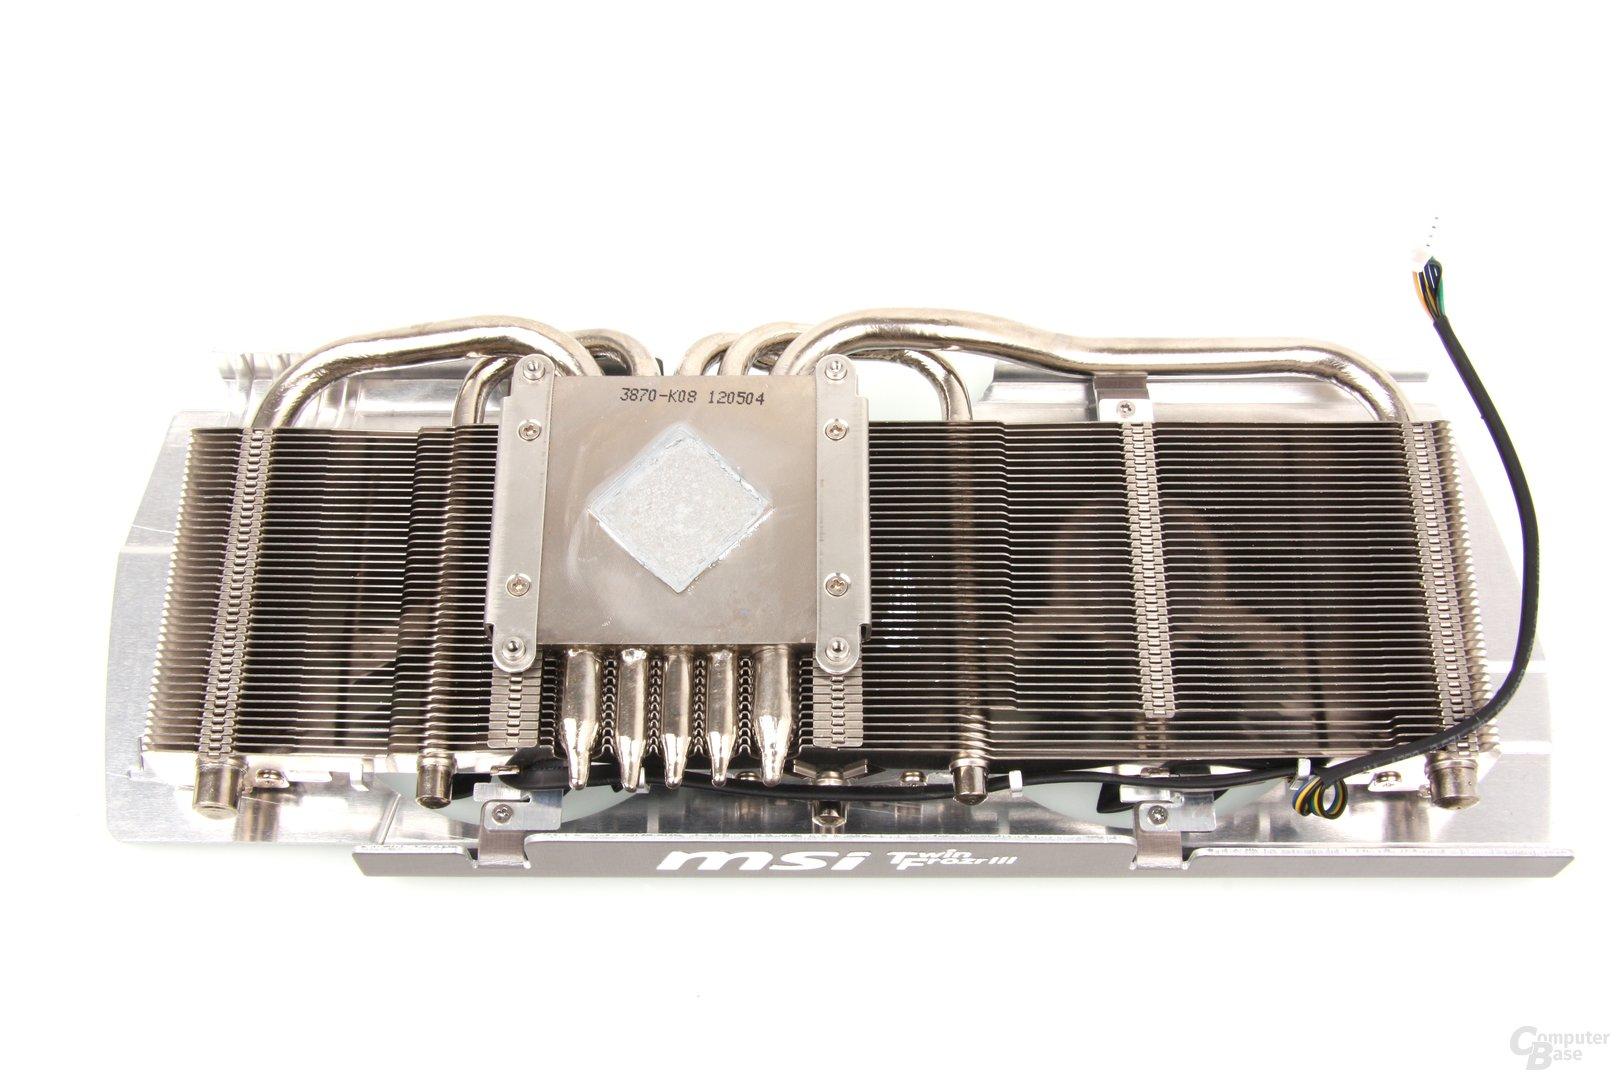 Radeon HD 7950 TFIII Kühlerrückseite